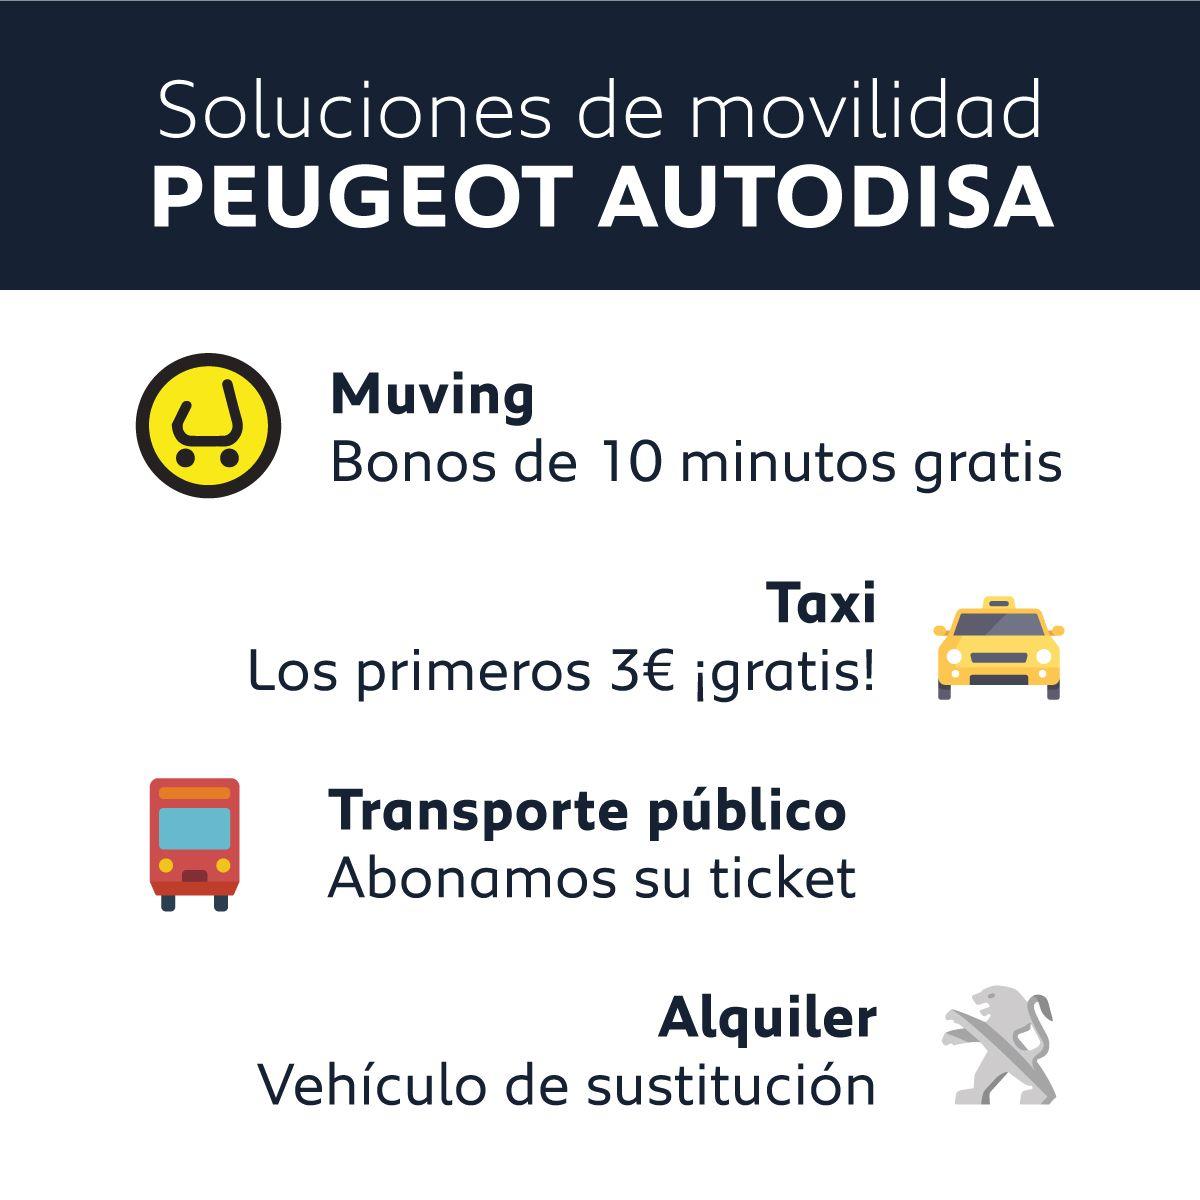 Soluciones de movilidad